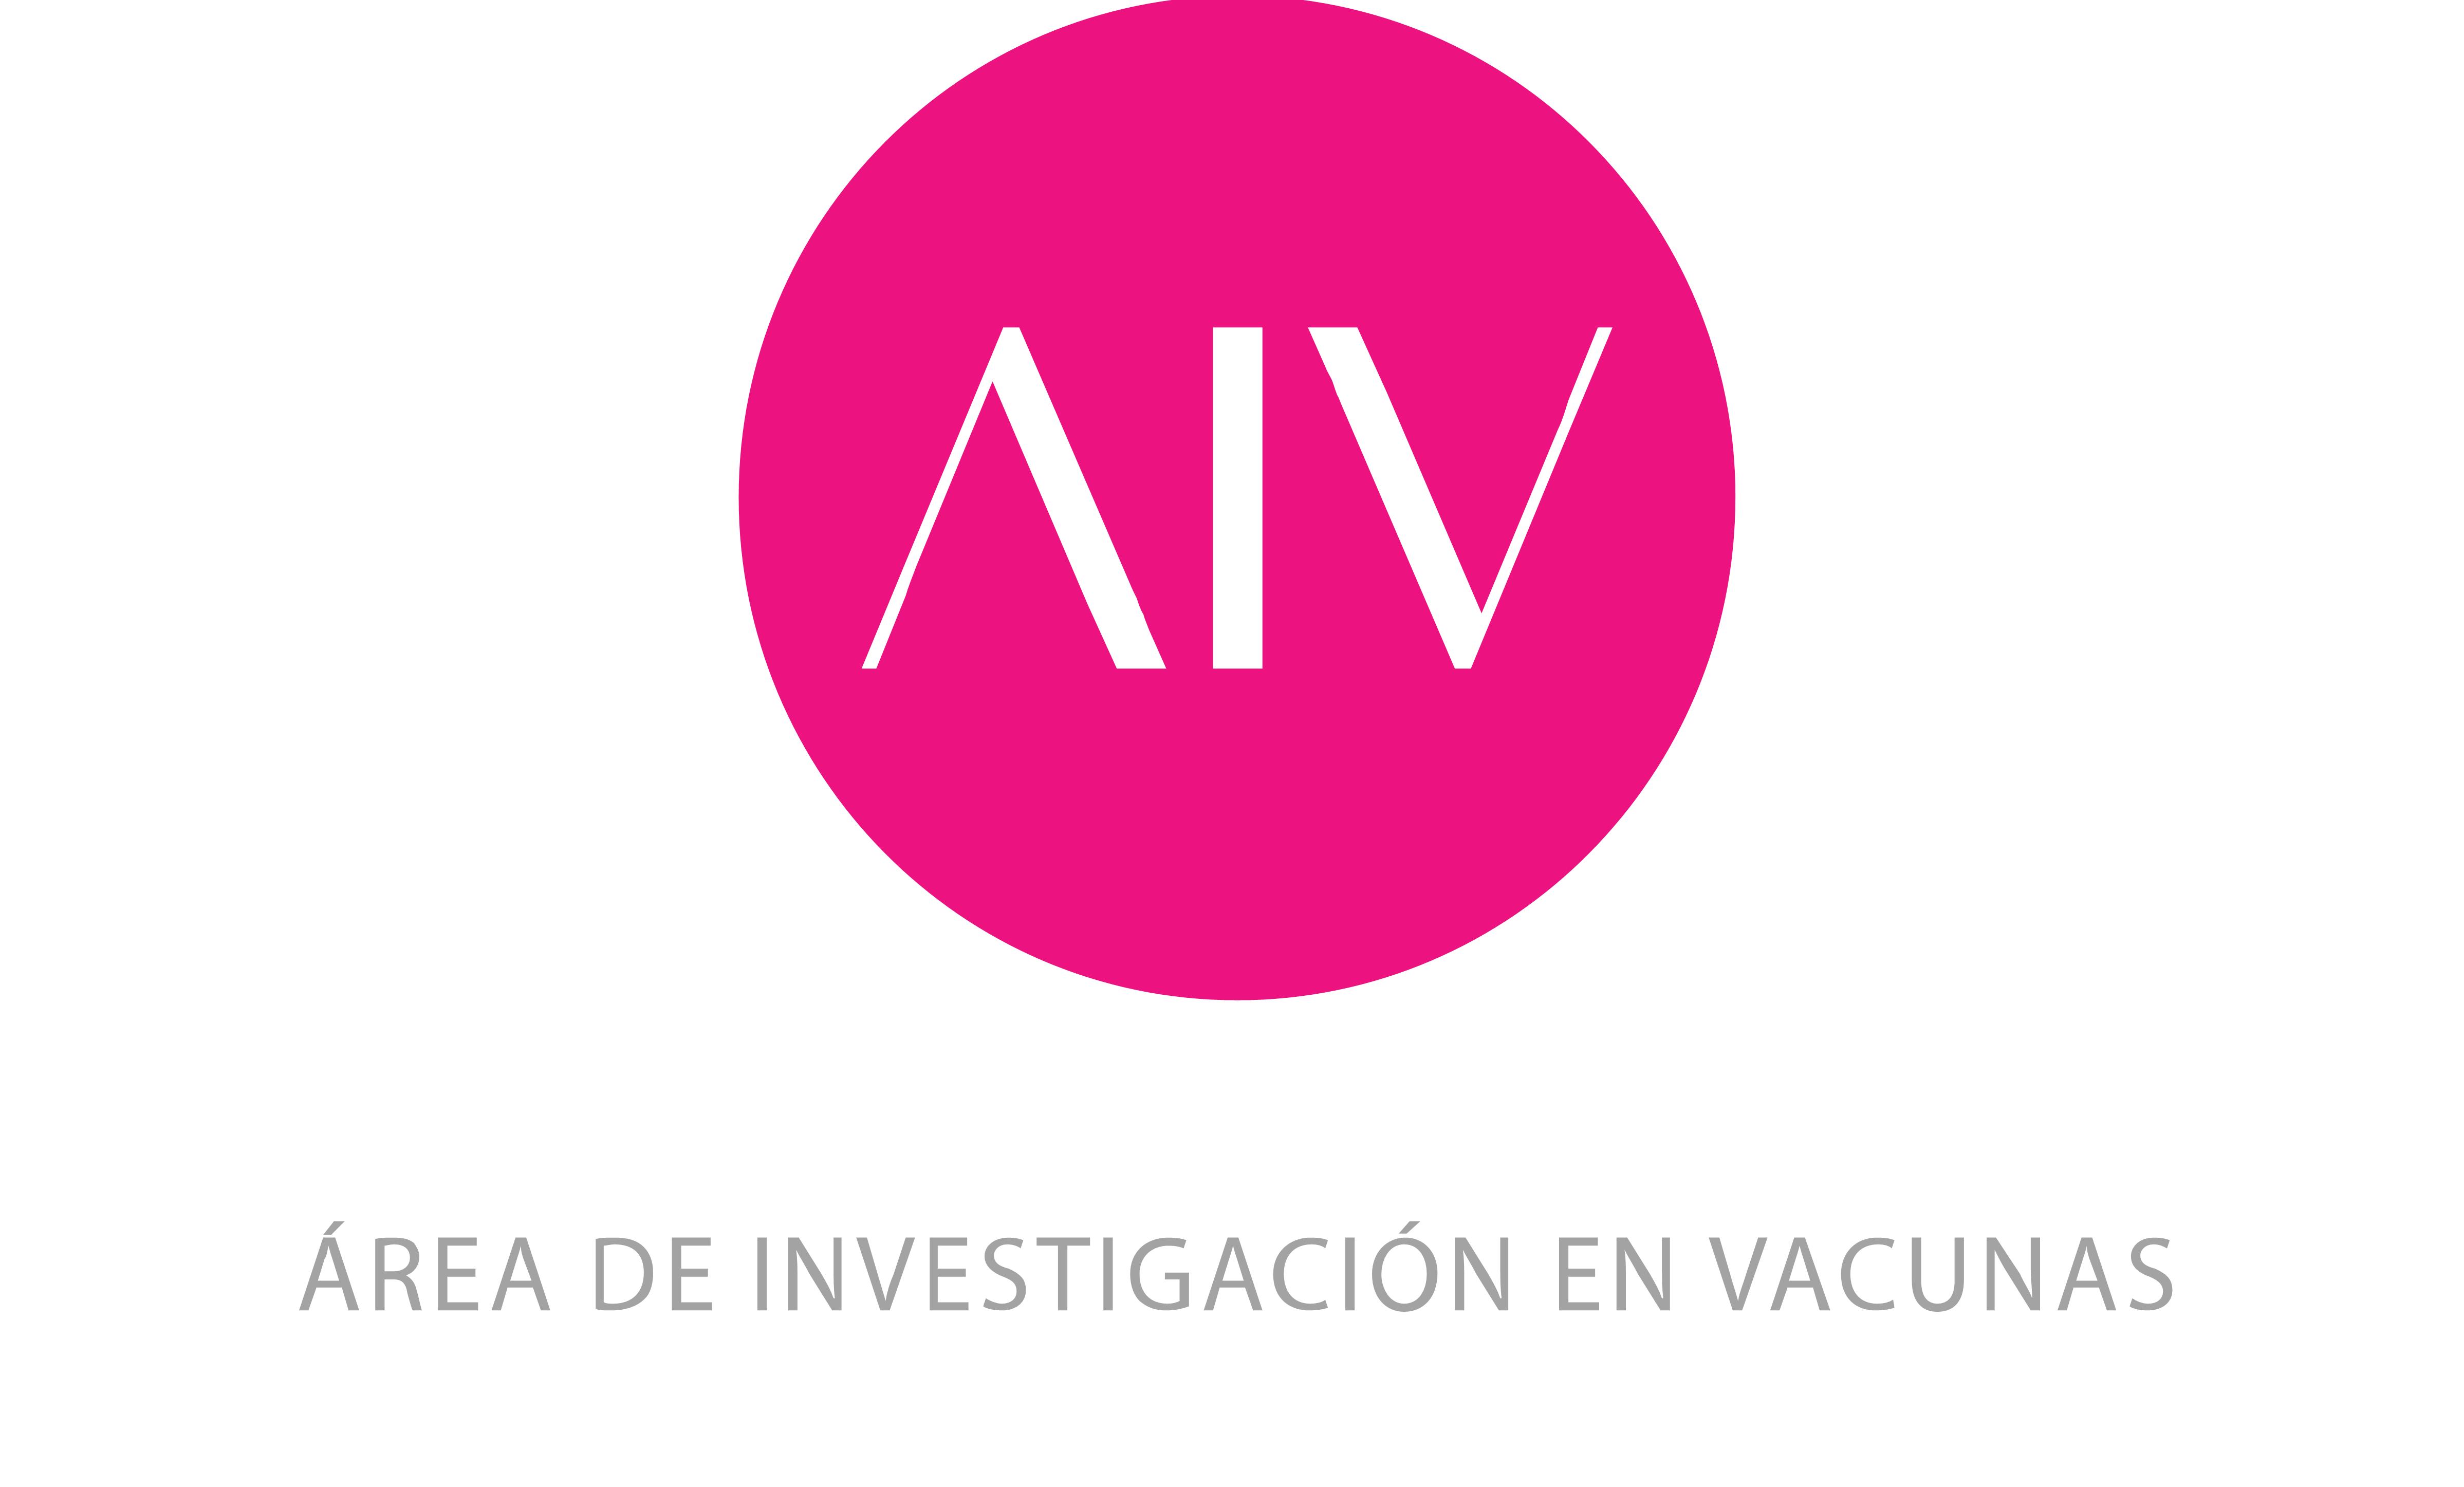 Logo ensayos vacunas